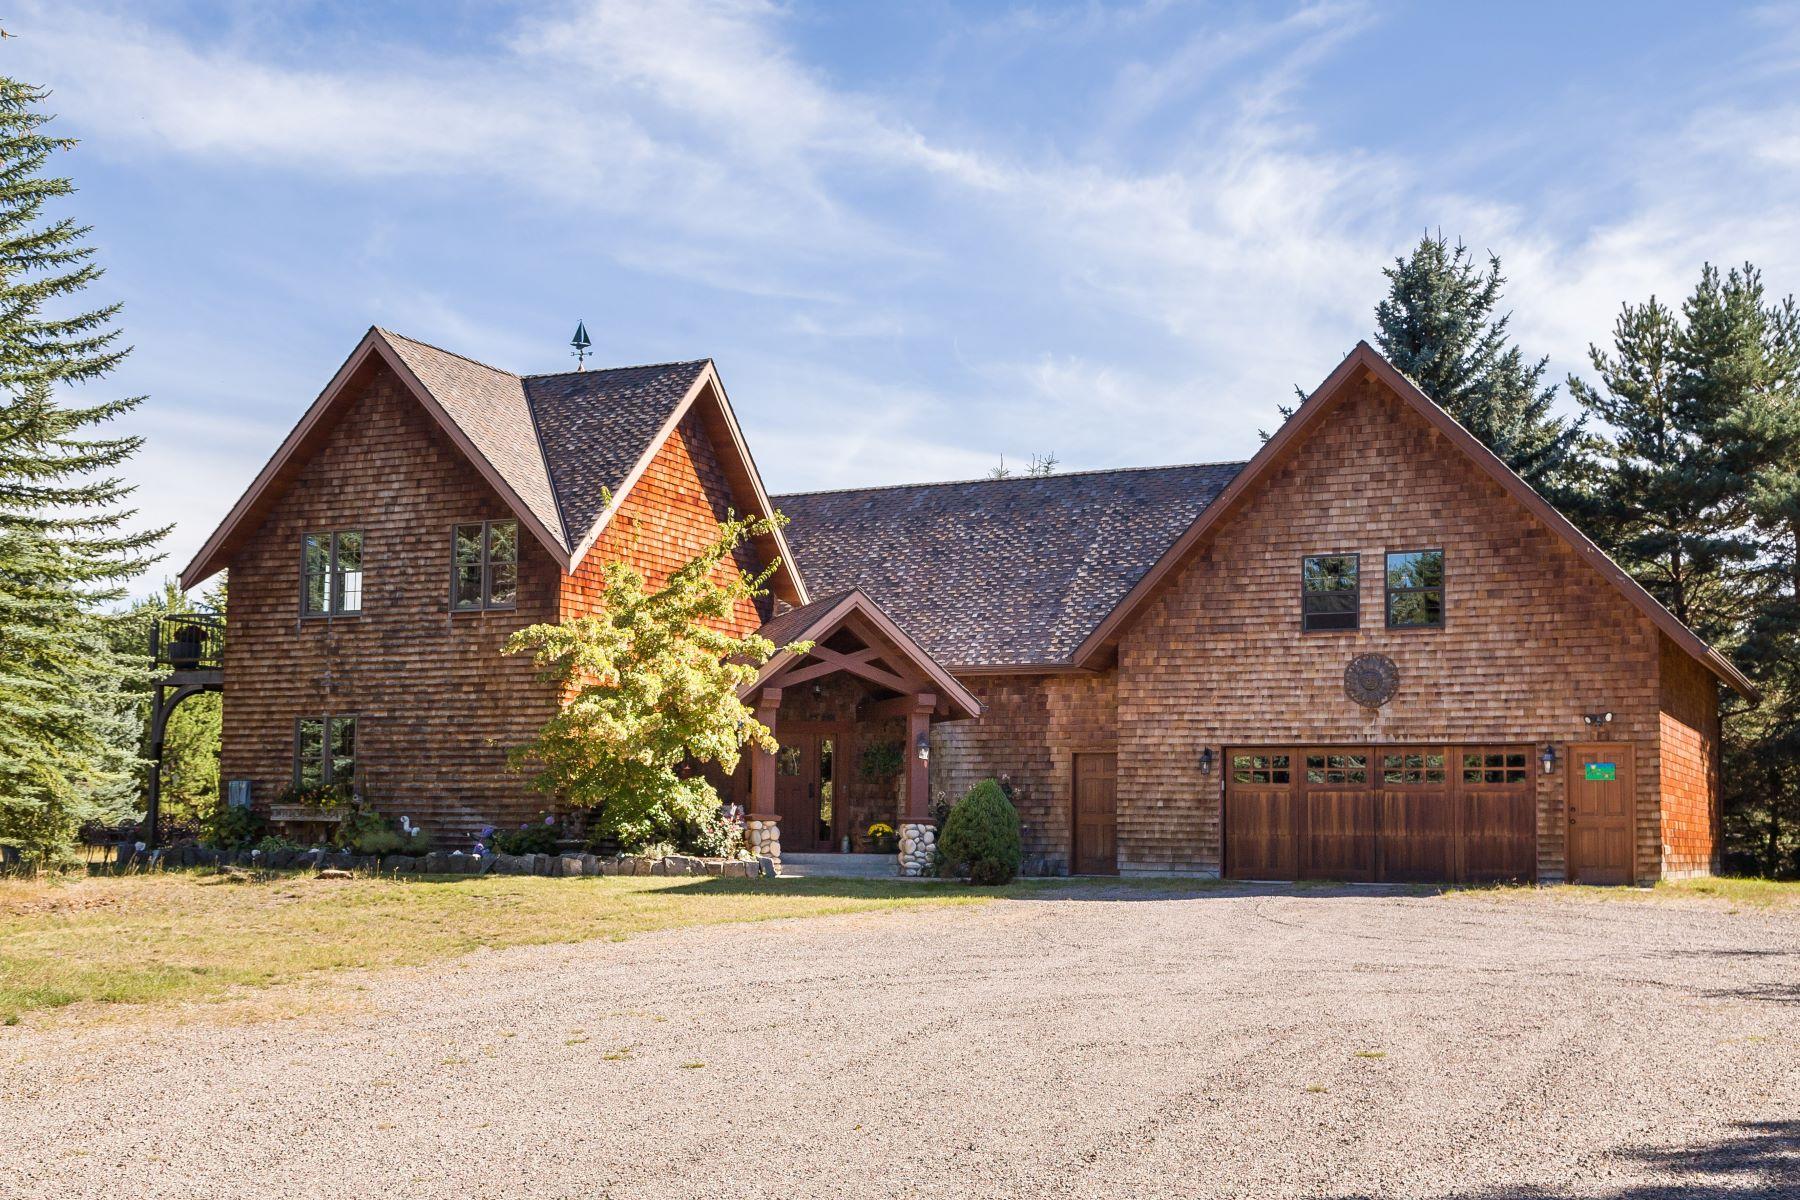 独户住宅 为 销售 在 1310 Mccaffery Rd , Bigfork, MT 59911 1310 Mccaffery Rd 比格福克, 蒙大拿州, 59911 美国